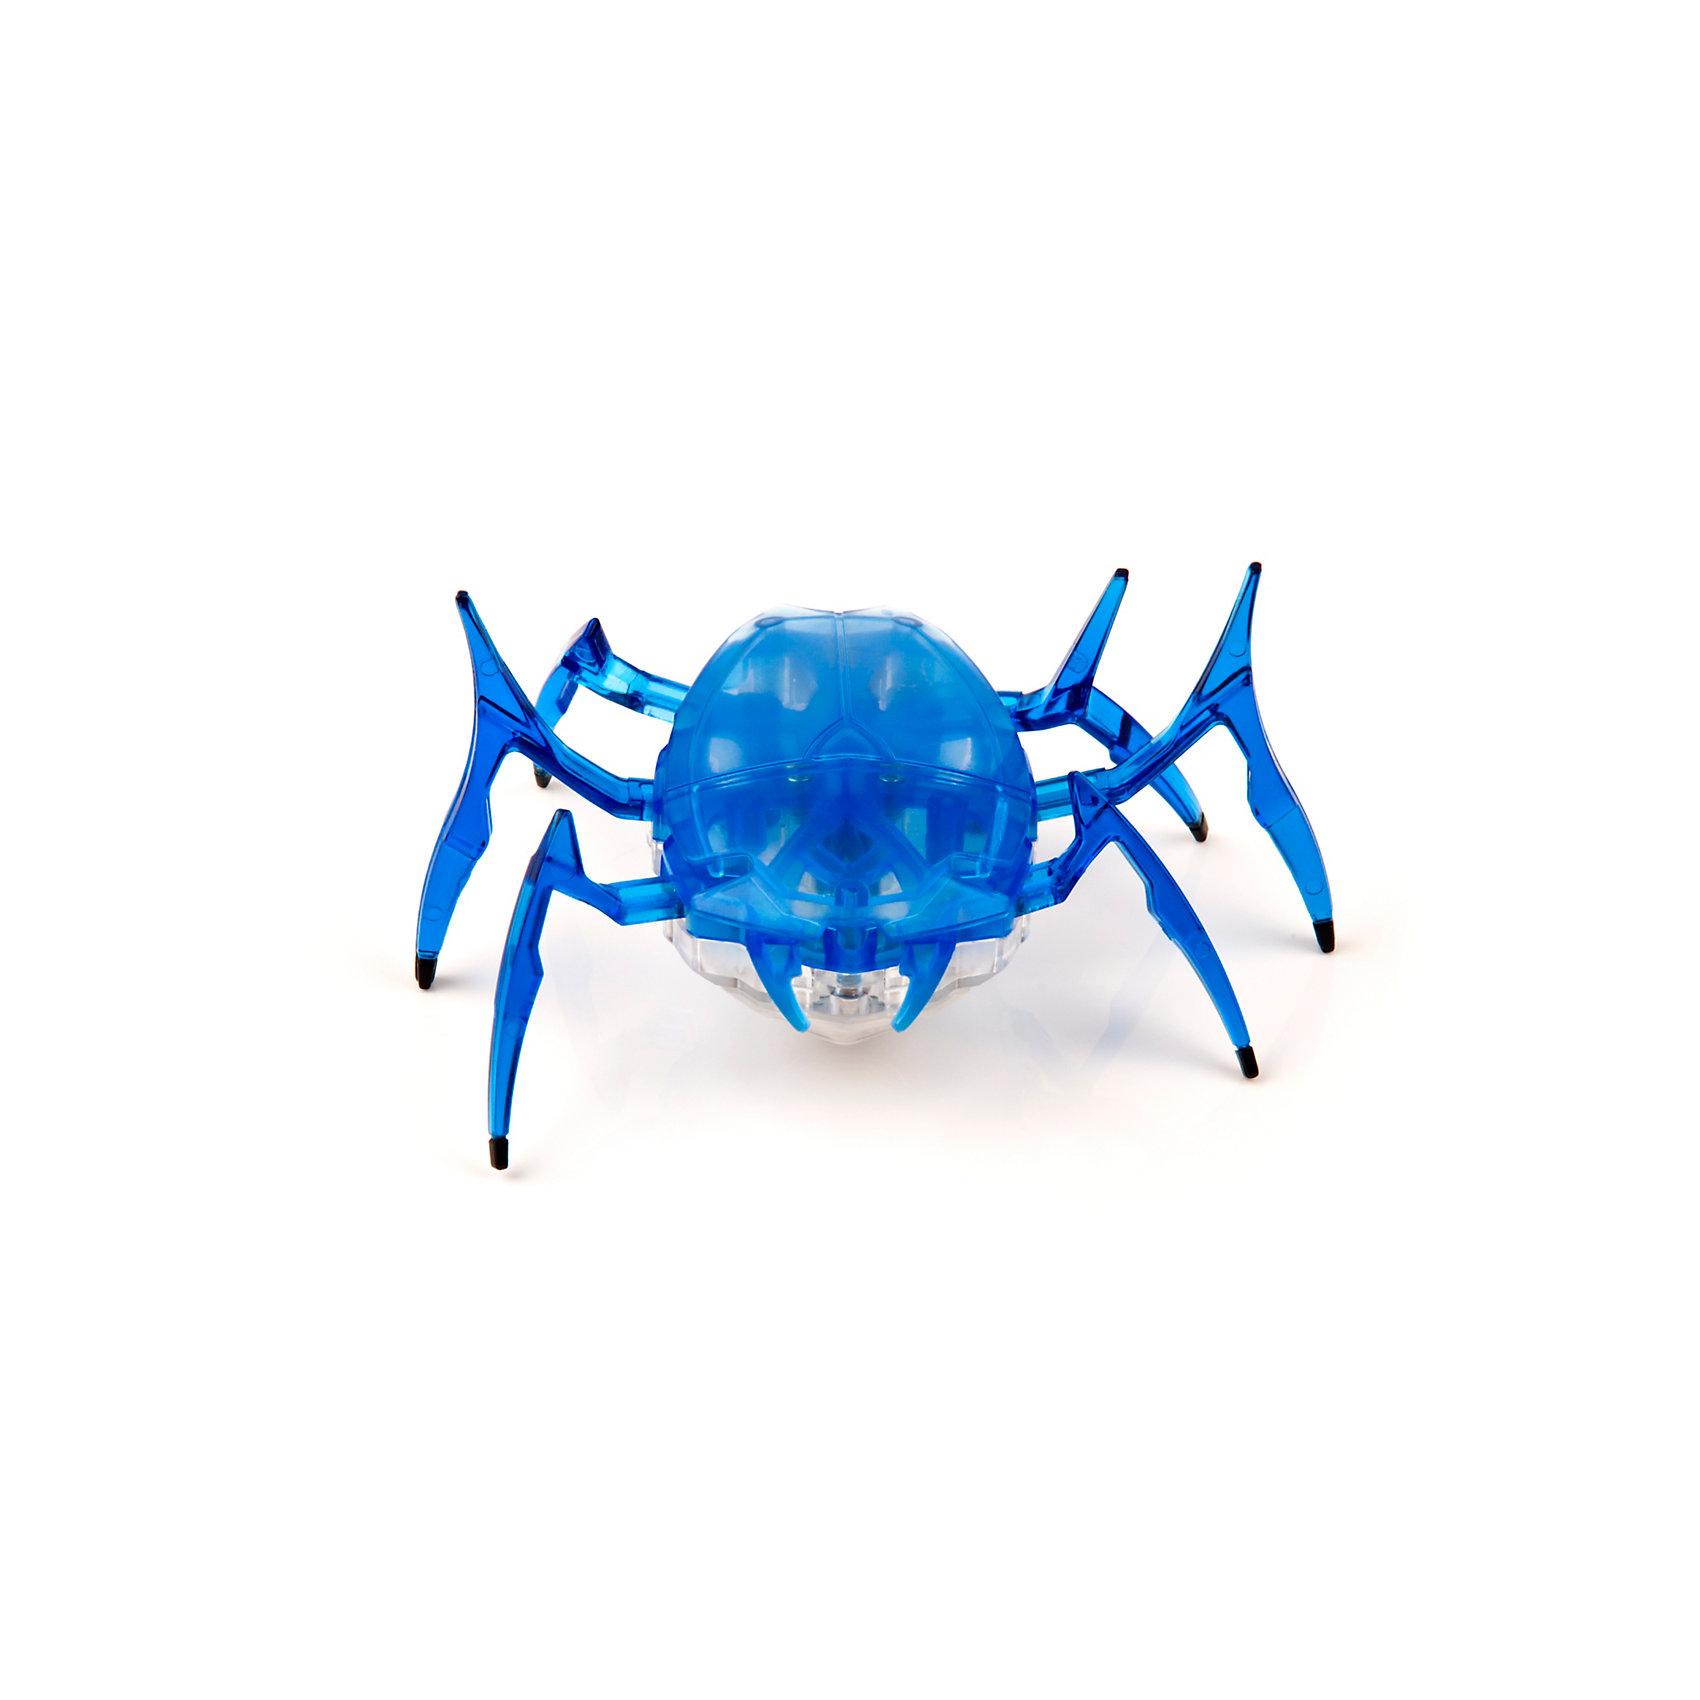 Микро-робот Жук Скарабей, синий, HexbugИнтерактивные игрушки для малышей<br>Наноробот Hexbug Жук Скарабей.<br><br>Характеристики электронной игрушки Hexbug:<br><br>• строение тела: крупное овальное тело, выпуклое сверху и снизу;<br>• количество лап: 3 пары;<br>• специальная конструкция лапок для достижение максимальной скорости;<br>• передвигается только на своих лапках;<br>• супербыстрый наноробот, присутствует агрессивность;<br>• 12 передач и мощнейший моторчик – 1220 раз в минуту жук Скарабей передвигает лапками;<br>• специальный привод, случайность траектории движения;<br>• при встрече с препятствием: мелкий предмет отодвигает лапками, от большого предмета отпрыгивает в поисках новой траектории движения;<br>• при падении на спину жук Hexbug Nano переворачивается на лапки;<br>• размер скарабея: 8,2х4,1х5,7 см;<br>• вес наноробота: 28,5 г.<br><br>Современные и технологичные электронные игрушки Hexbug Nano – это скоростные жуки Скарабеи, быстрые, шустрые, умные. Бегают по случайно выбранной траектории, отталкиваются и переворачиваются после падения. Настоящий прорыв в области подвижных микро-роботов!<br><br>Микро-робот Жук Скарабей, синий, Hexbug можно купить в нашем интернет-магазине.<br><br>Ширина мм: 6<br>Глубина мм: 13<br>Высота мм: 11<br>Вес г: 47<br>Возраст от месяцев: 36<br>Возраст до месяцев: 2147483647<br>Пол: Унисекс<br>Возраст: Детский<br>SKU: 5007079